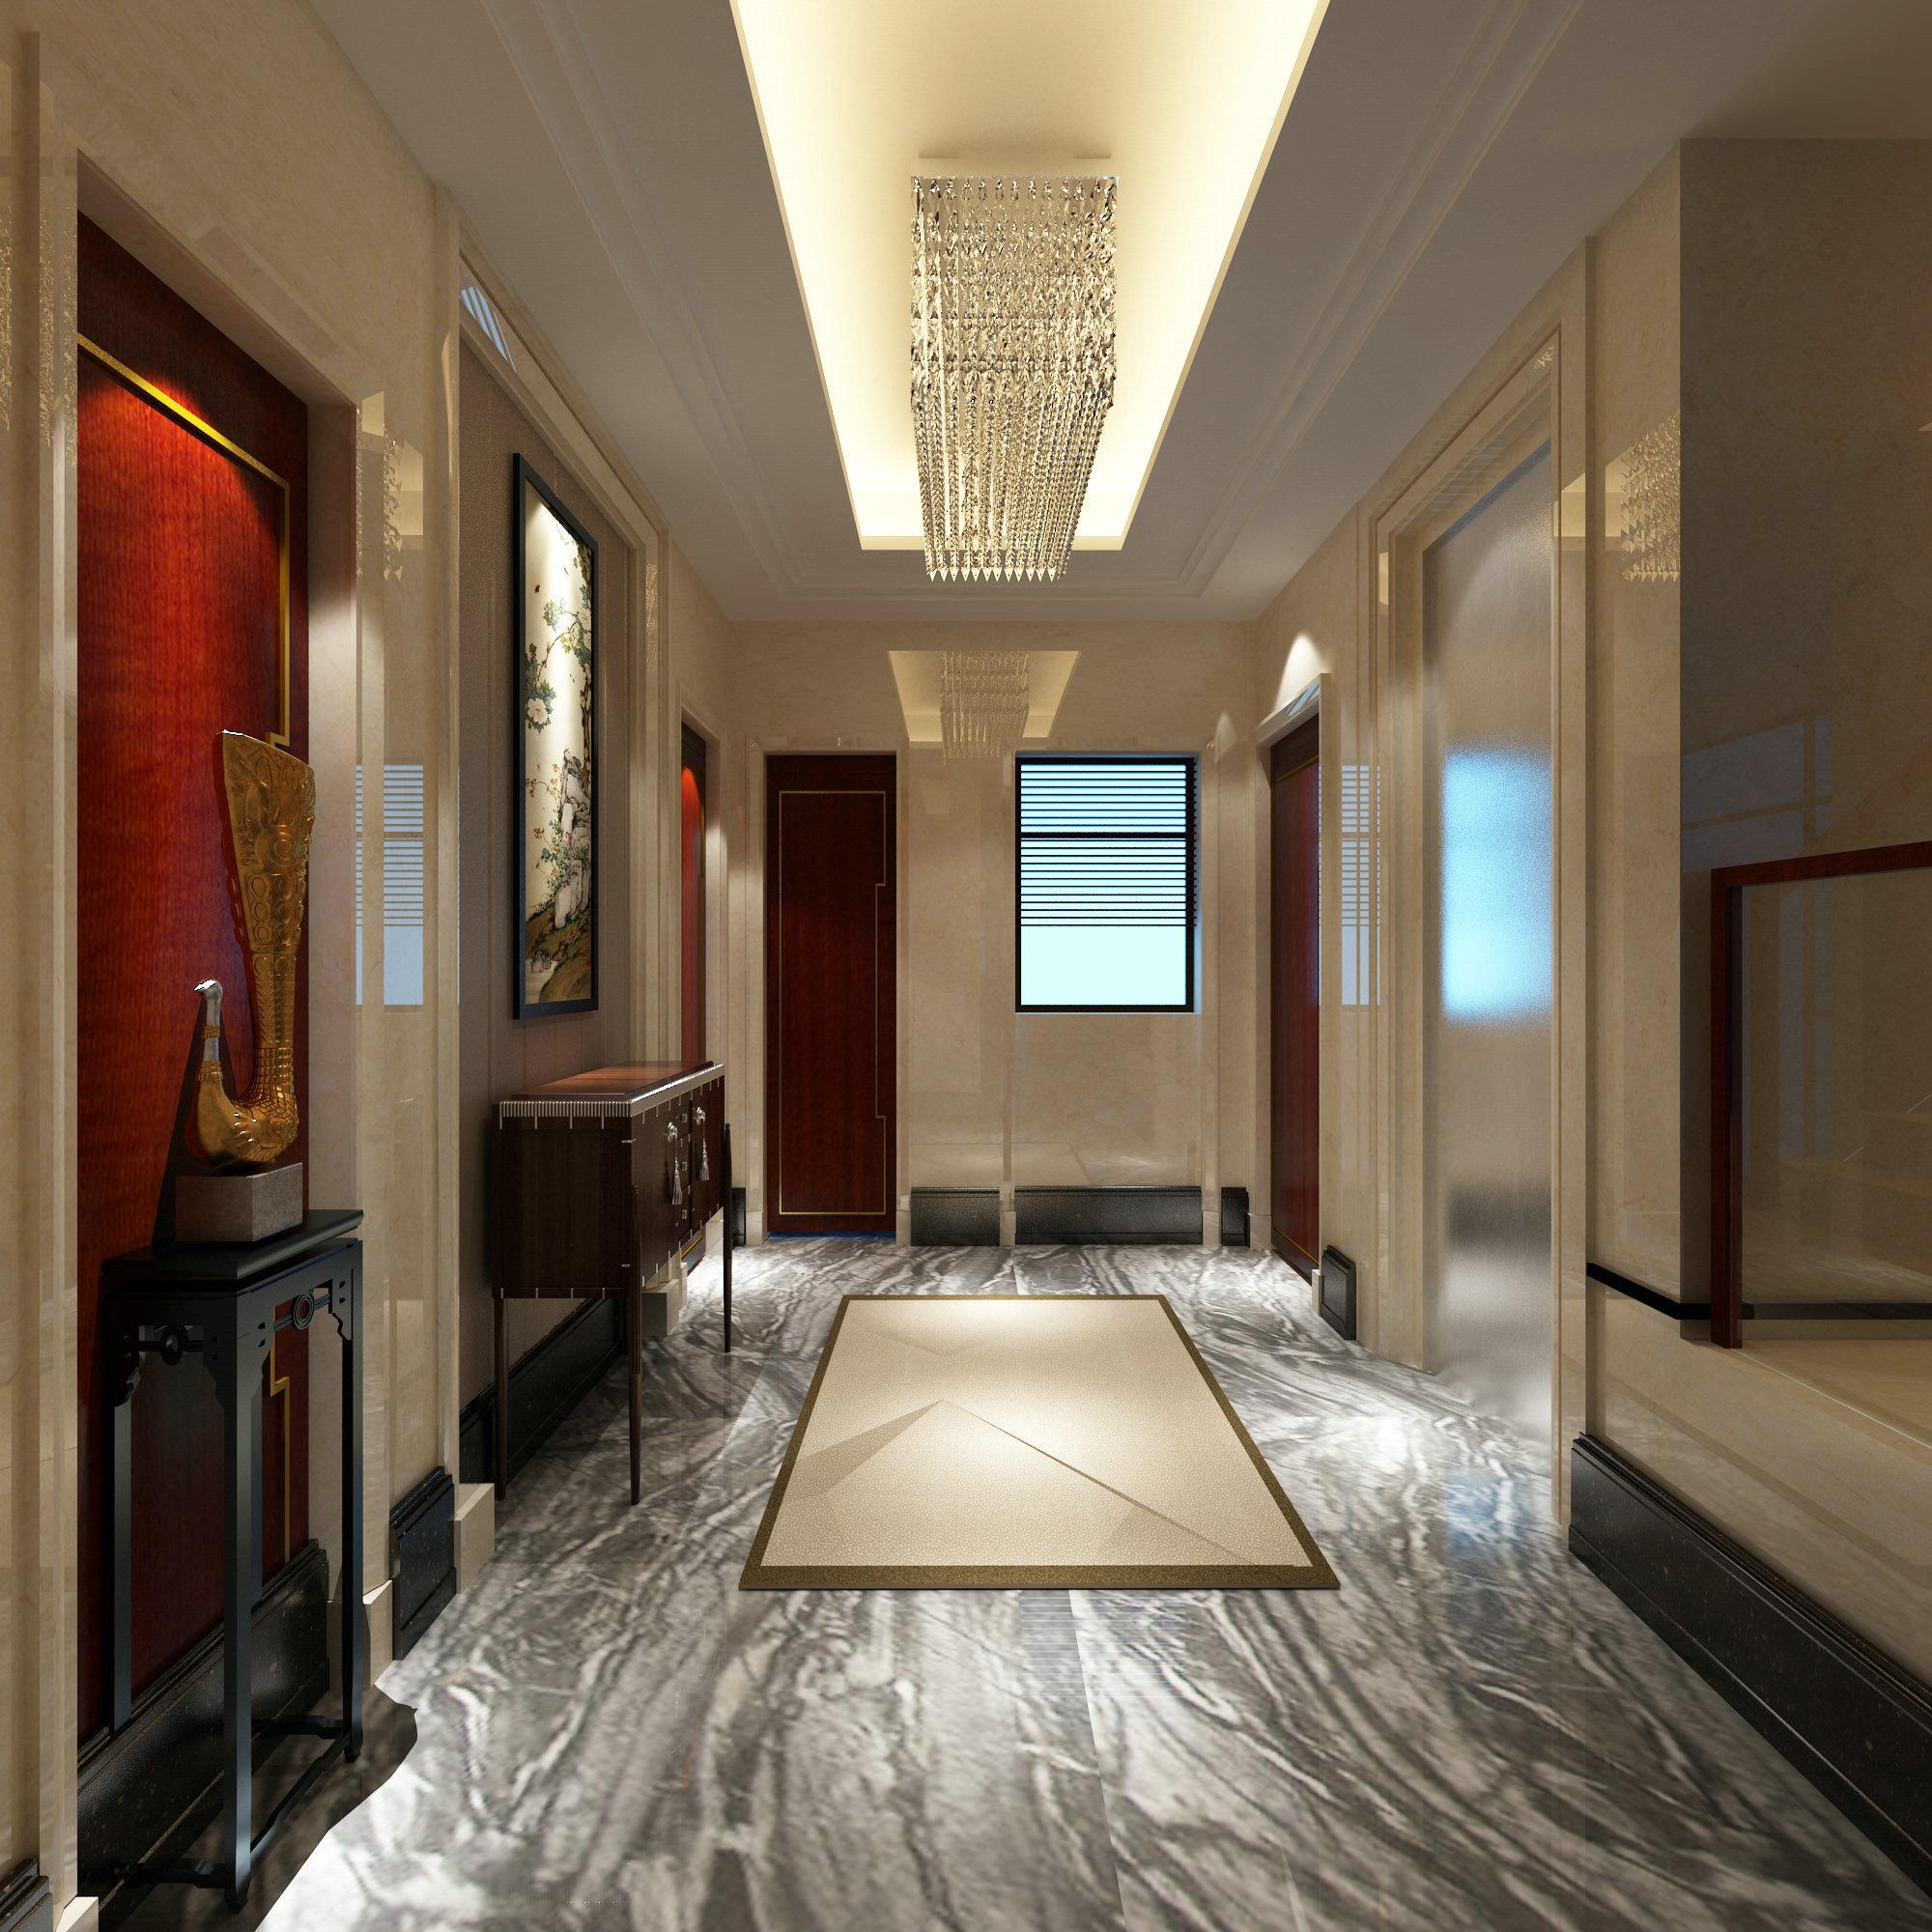 国宾一号 别墅装修 欧美风格 腾龙设计 玄关图片来自腾龙设计在国宾一号别墅装修欧美风格设计的分享